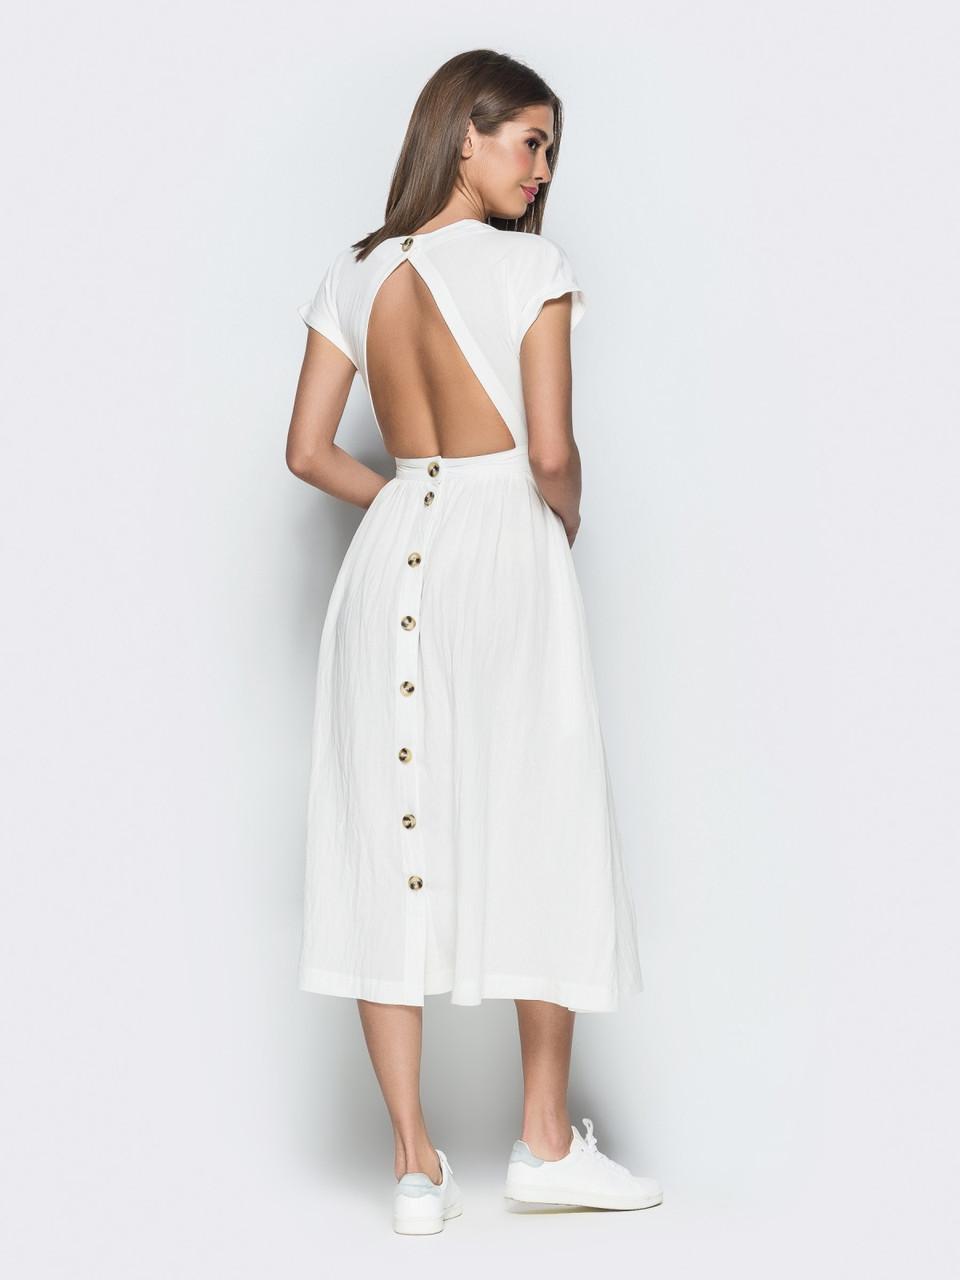 775dce609d61f98 ... Белое летнее платье из натурального льна с открытой спинкой р.44,46,48